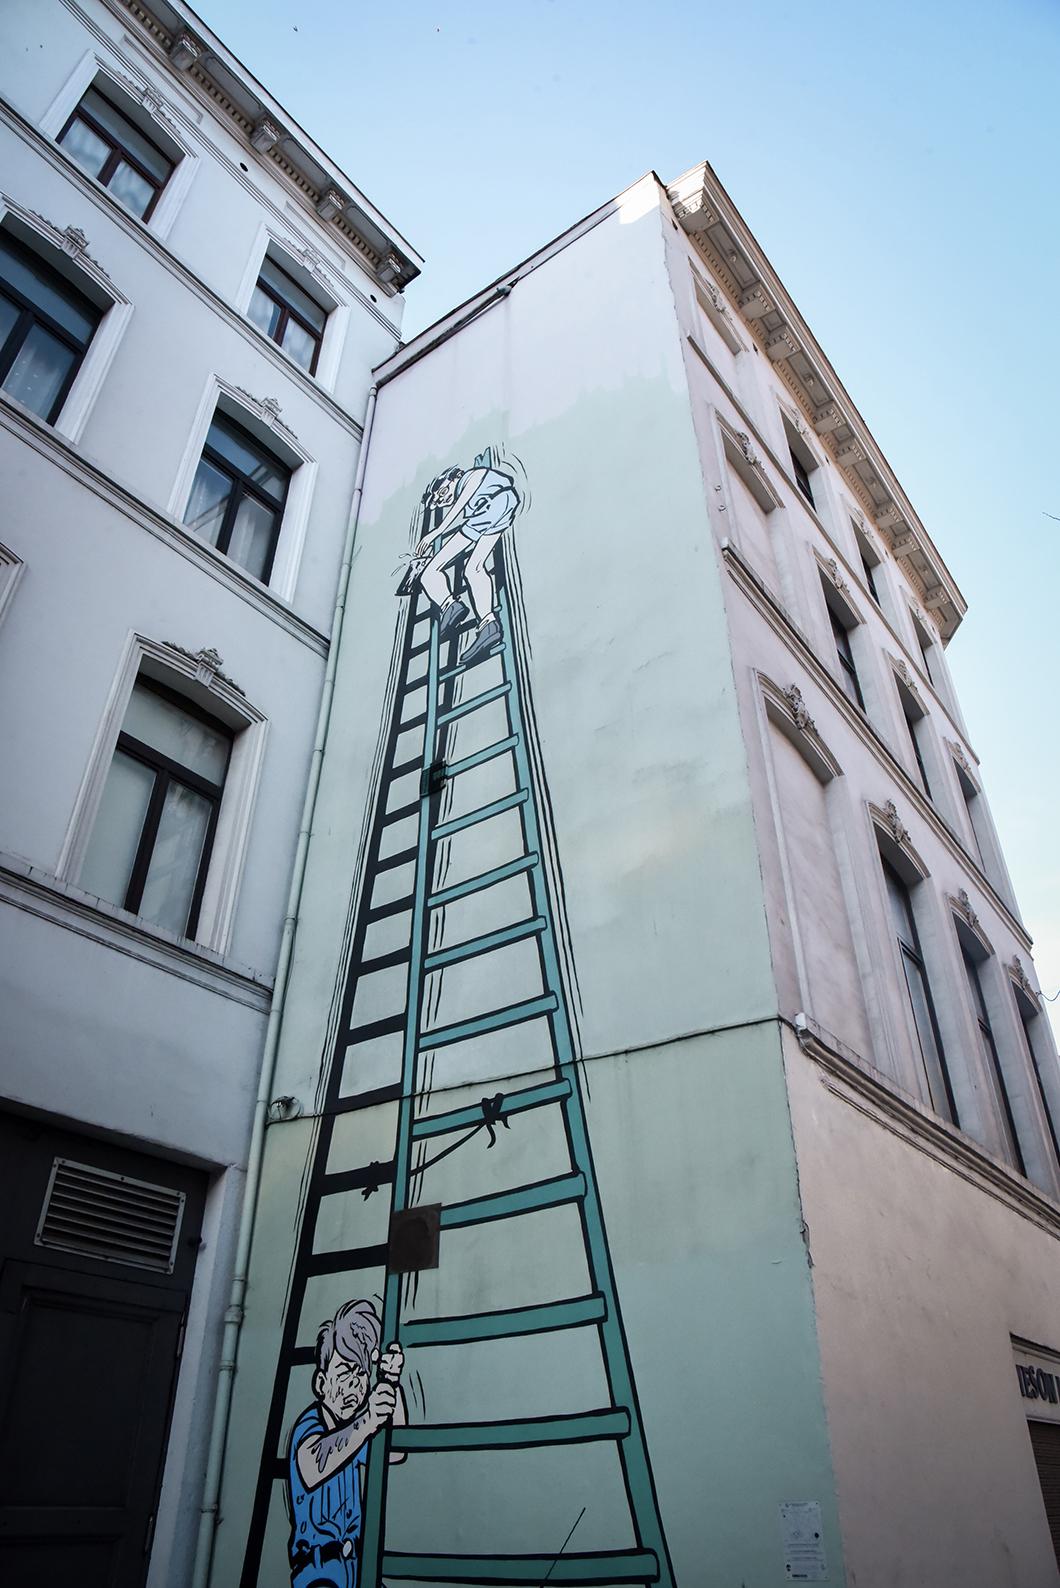 Les BD murales de Bruxelles